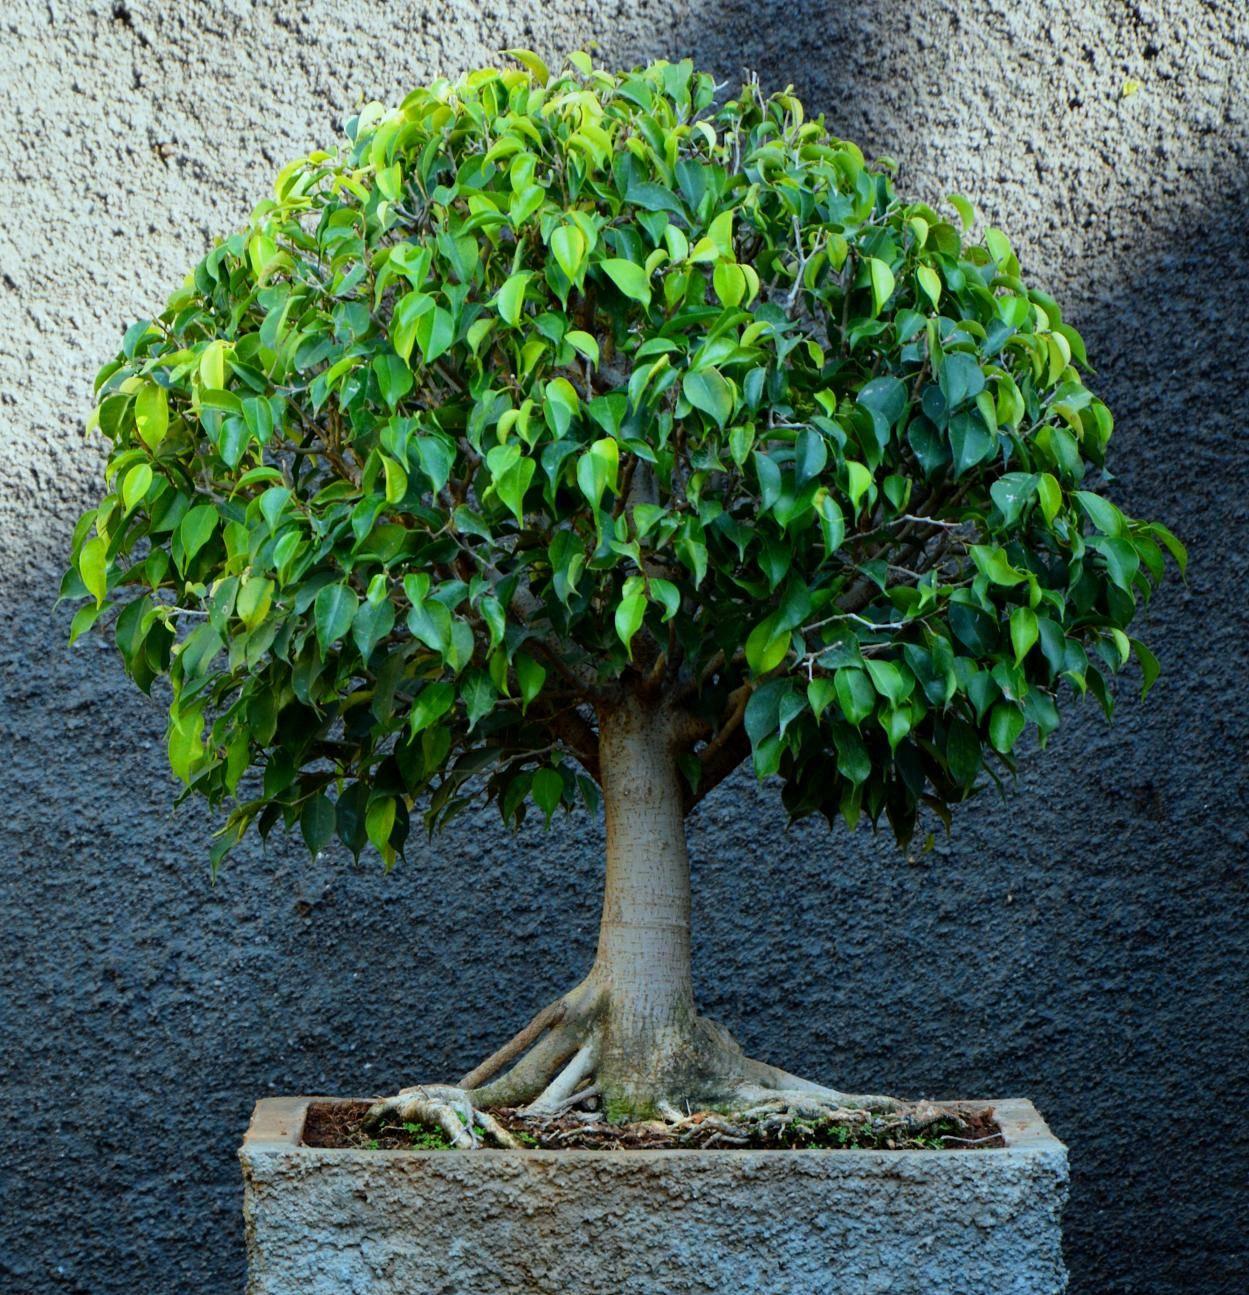 Фикус бенджамина сбрасывает листья: причины, способы решения проблемы и рекомендации специалистов